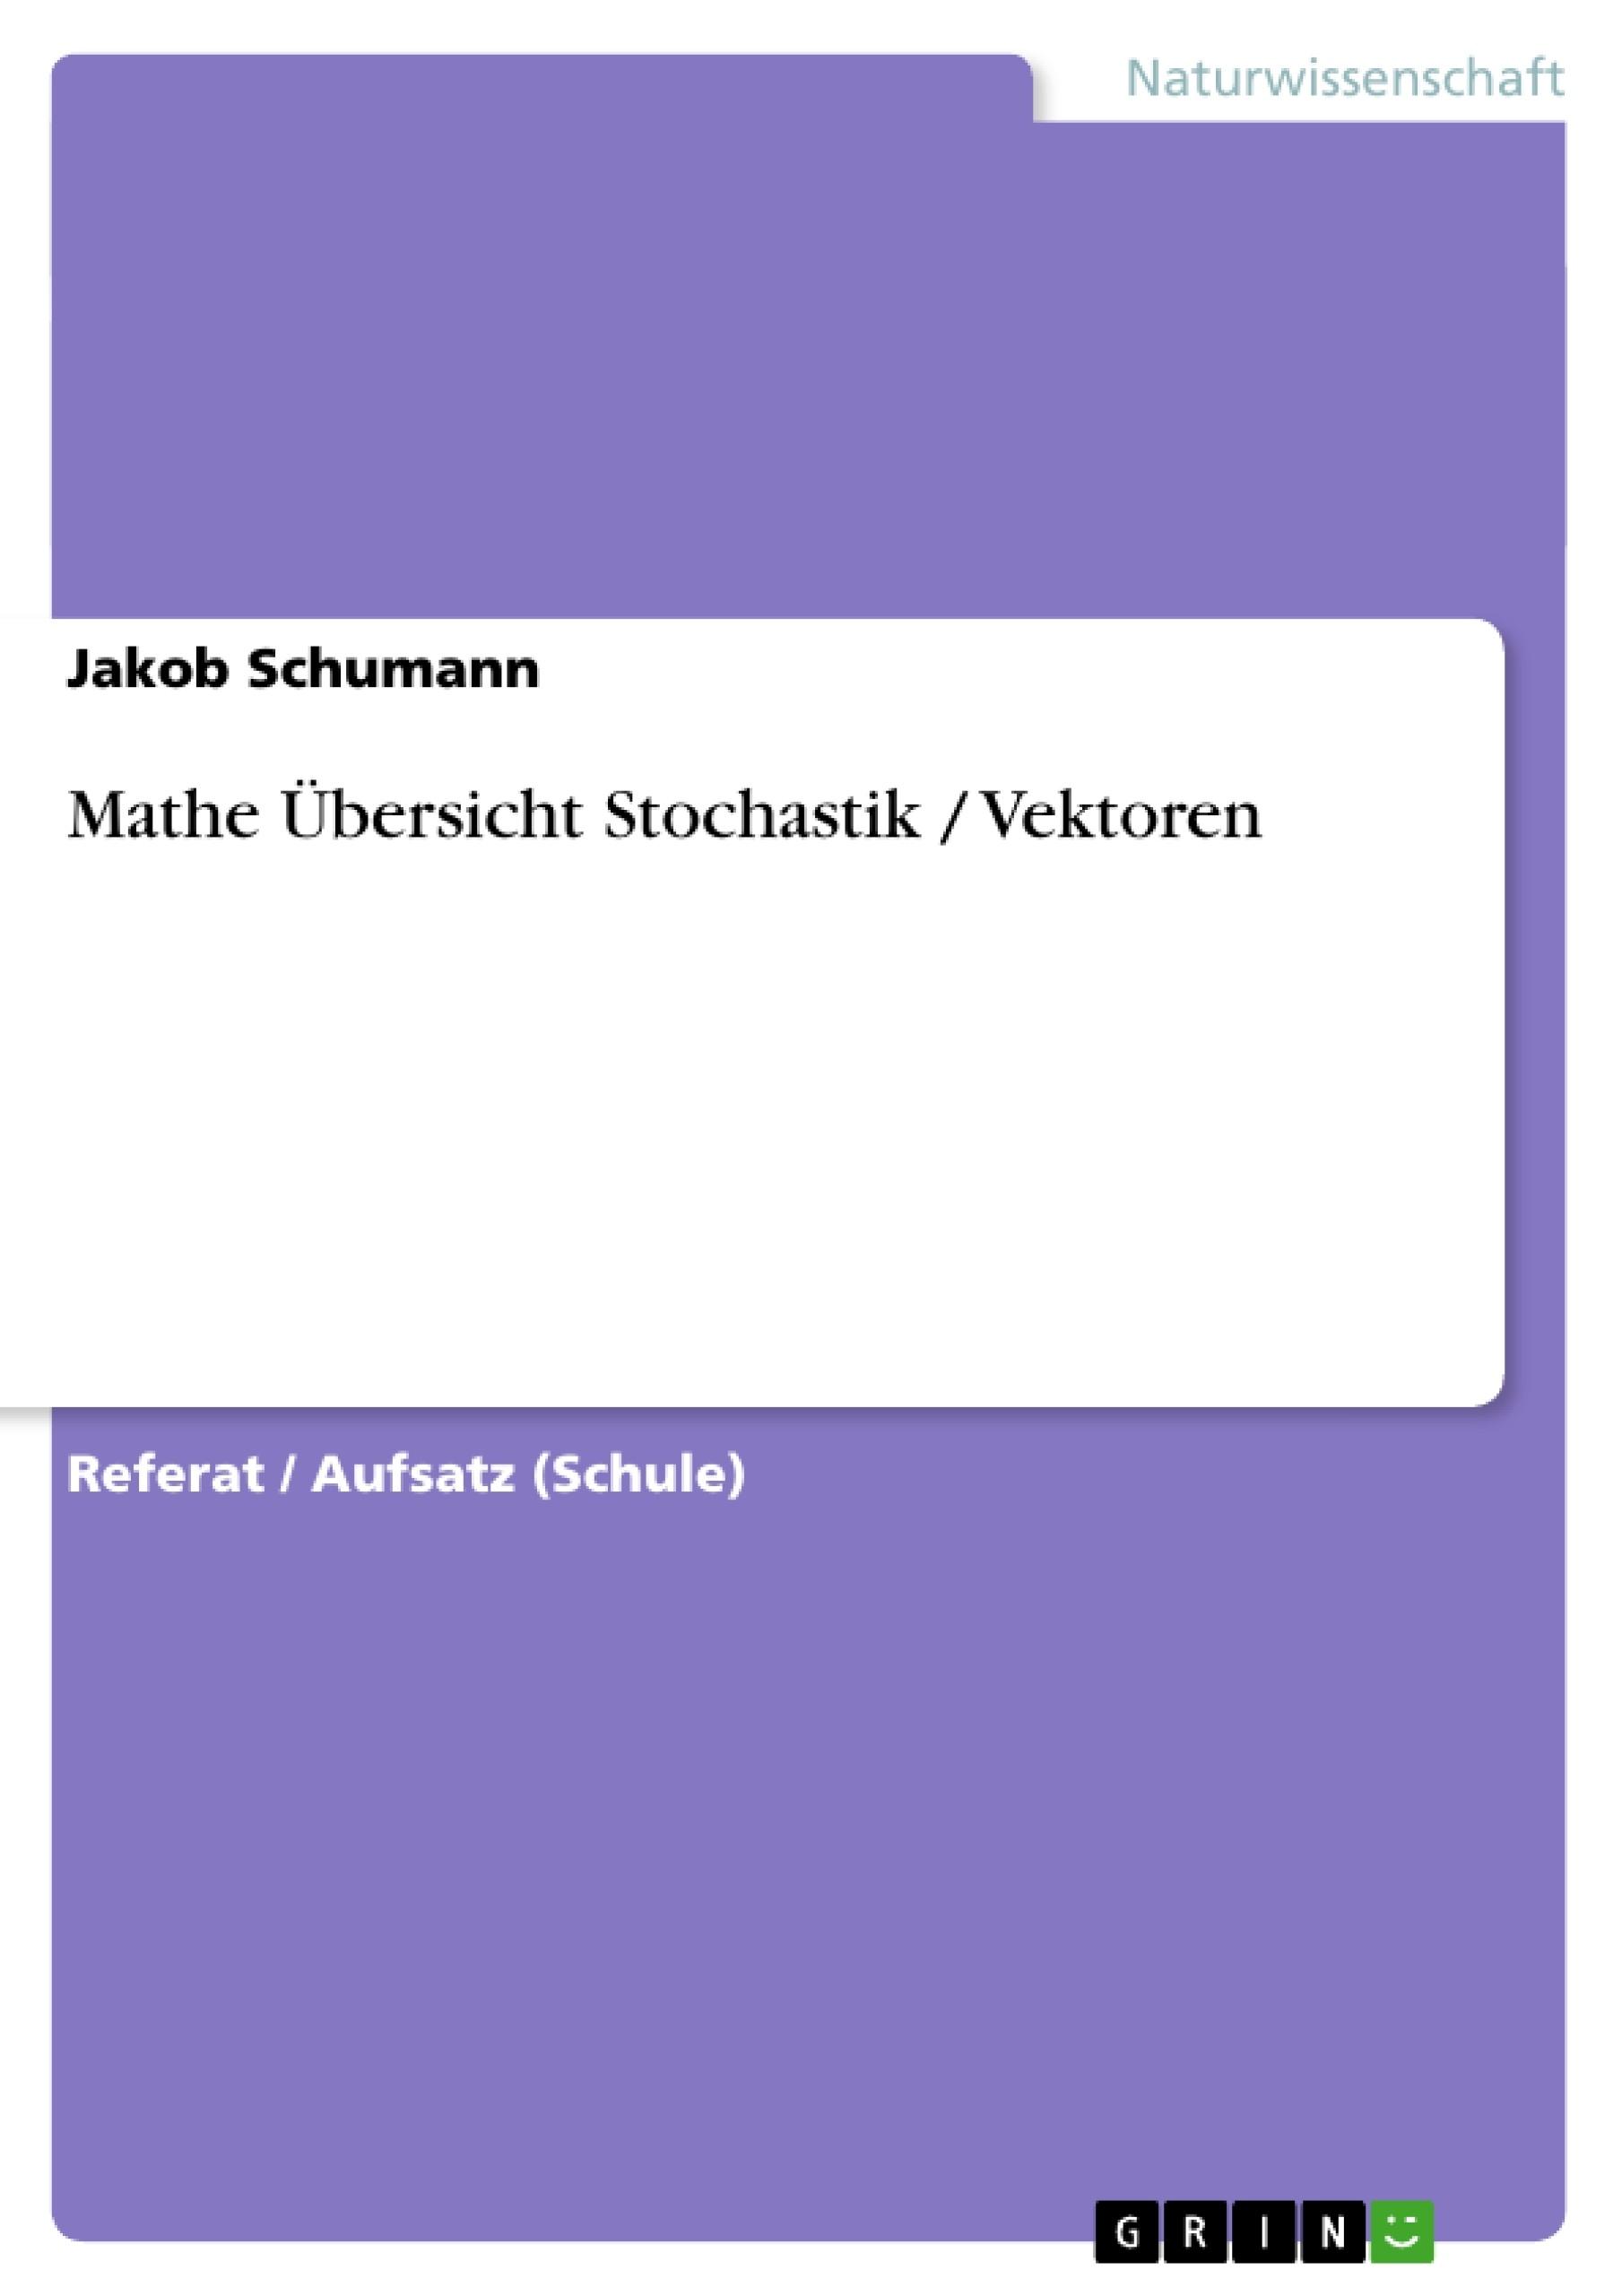 Titel: Mathe Übersicht Stochastik / Vektoren